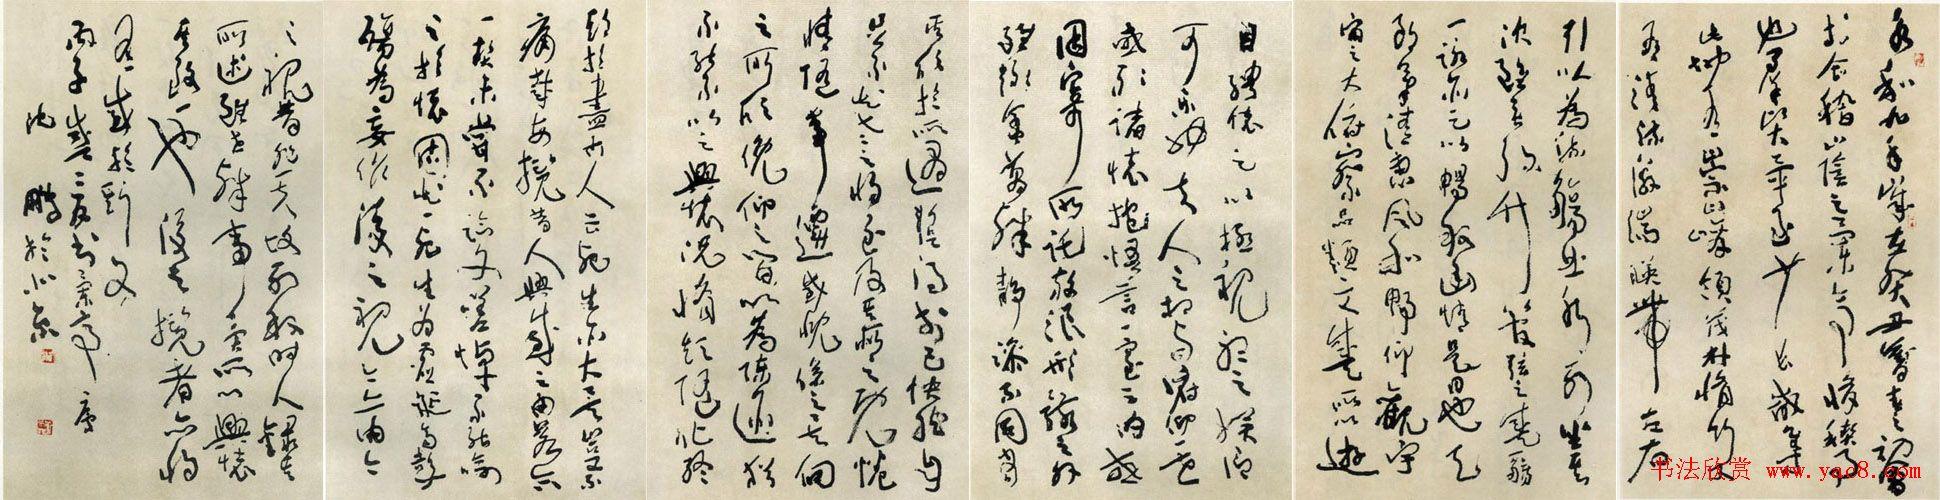 沈鹏草书作品欣赏《兰亭序》